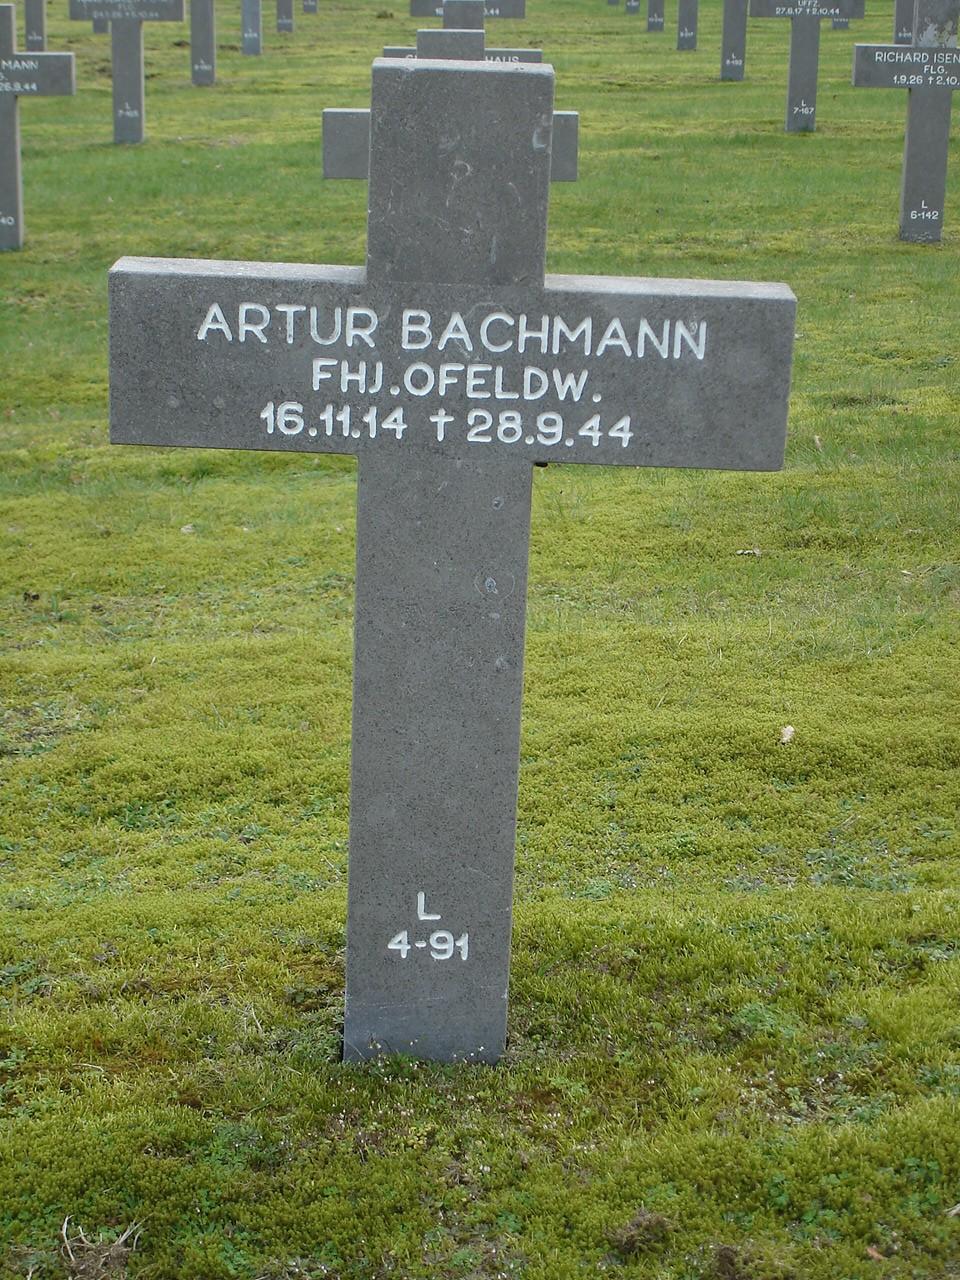 Artur Bachmann